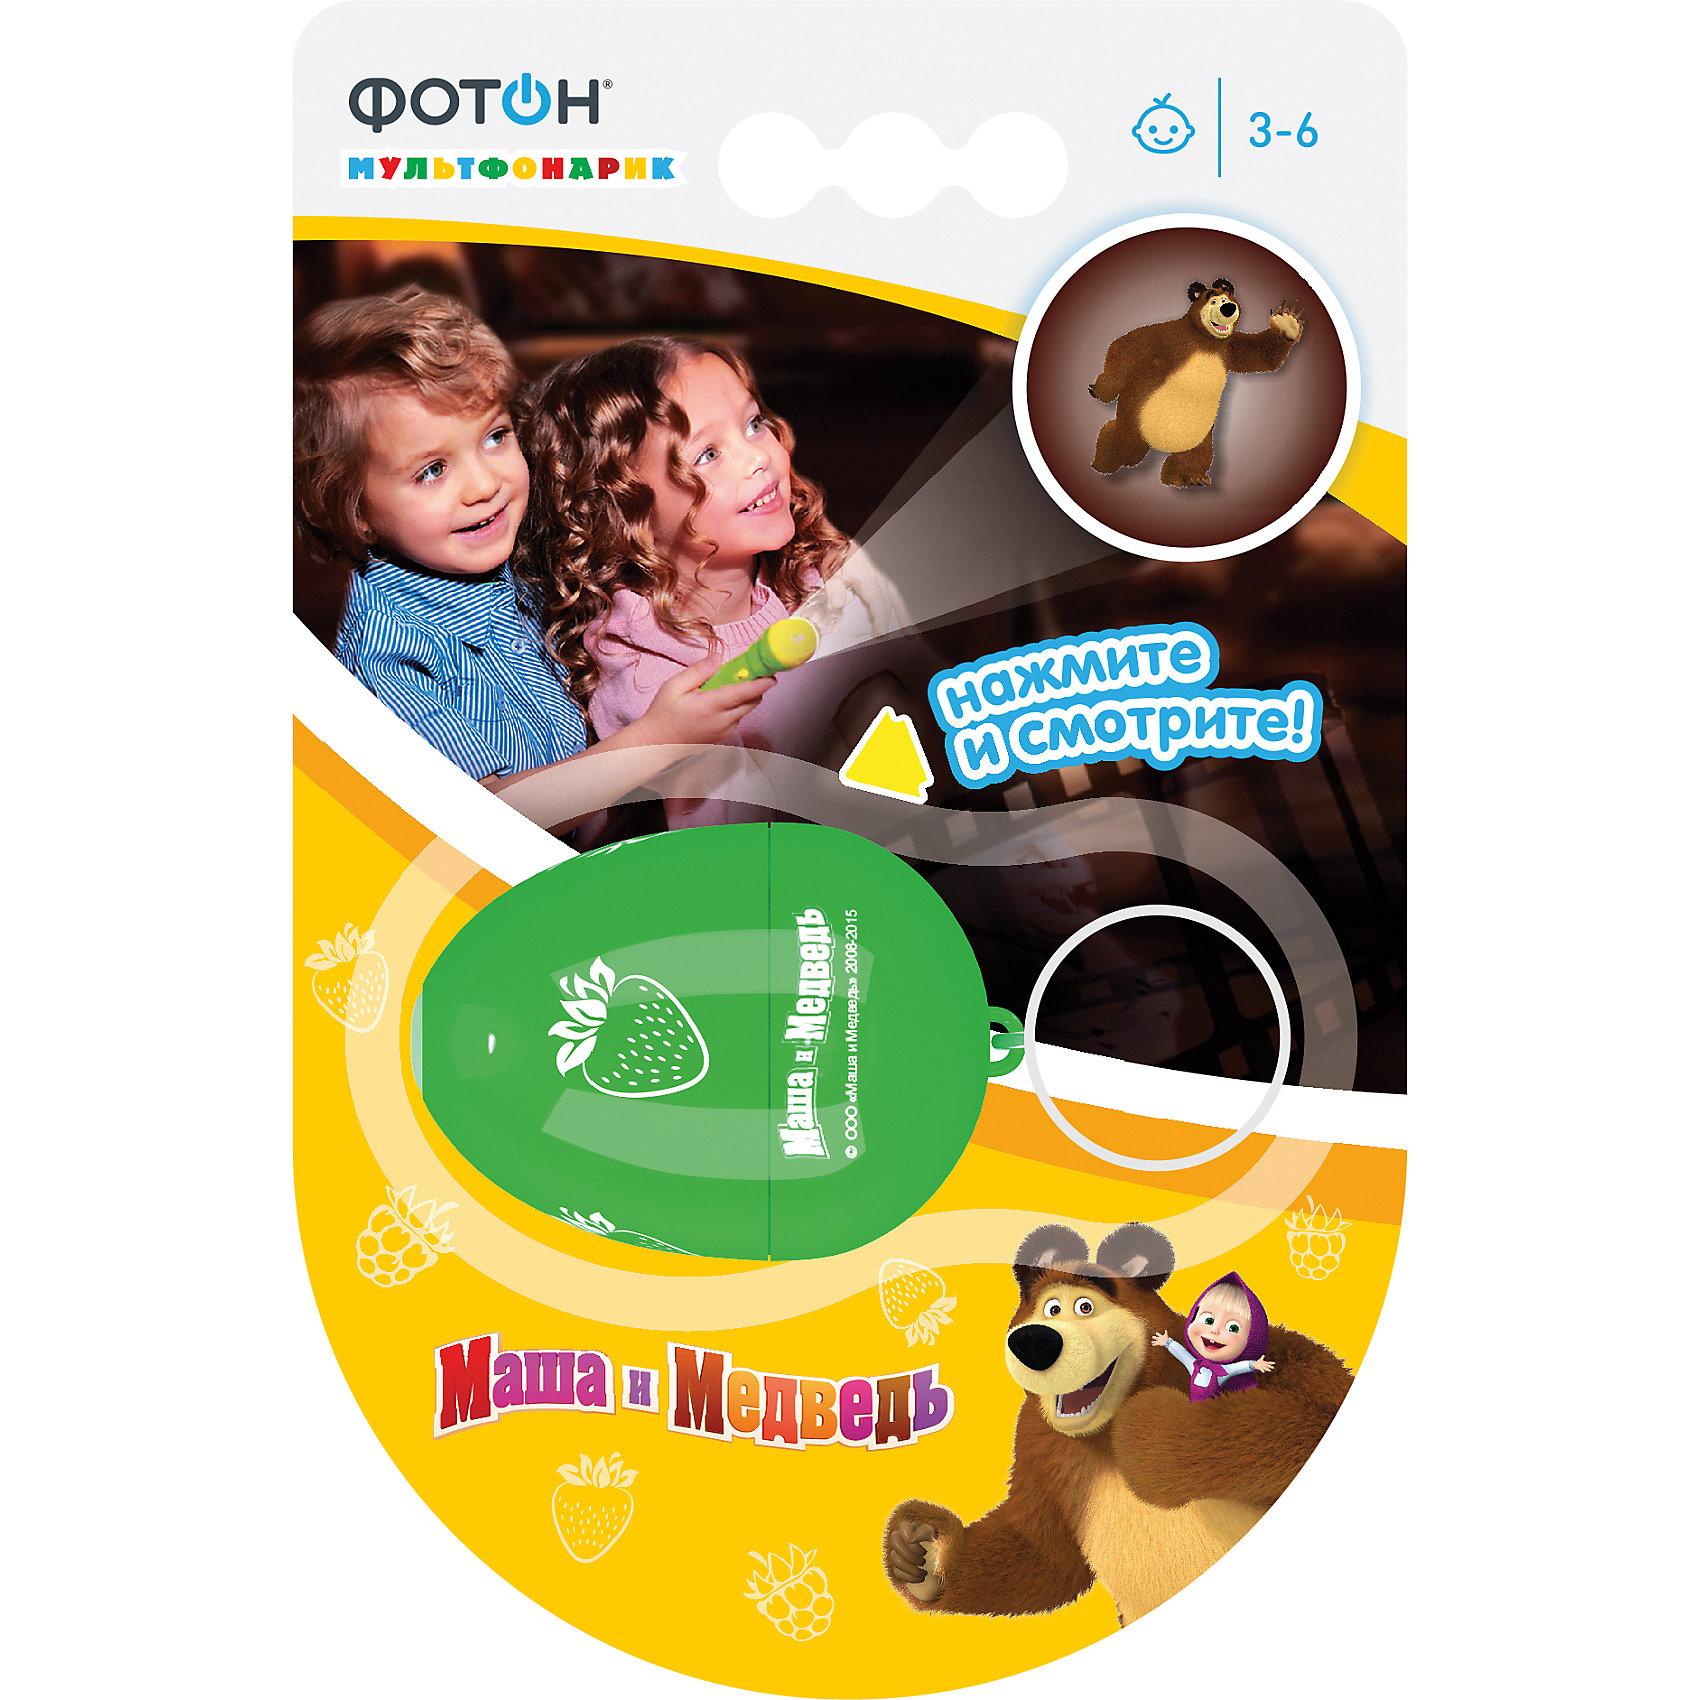 Мультфонарик-брелок «Маша и Медведь», зеленый, ФотонПопулярные игрушки<br>Мультфонарик-брелок «Маша и Медведь», зеленый, Фотон.<br><br>Характеристики:<br><br>- Размер: 4,5х3,5х3,5 см.<br>- Цвет: зеленый<br>- Материал: пластик<br>- Батарейки: 4 батарейки напряжением 1,5V типа AG3/LR41 (в комплекте демонстрационные)<br>- Выключатель: 1 кнопка, нажимная, без фиксации<br>- Источник света: 1 светодиод, регулировка фокуса отсутствует<br>- Проецирует одно изображение на расстоянии: 0,3-4 м.<br>- Дополнительные опции: кольцо для ключей<br><br>С помощью этого миниатюрного брелока-фонарика можно не только освещать себе путь, но и весело проводить время, играя в мульт-театр и сочиняя истории про приключения Медведя - главного героя мультфильма Маша и Медведь. Качественная проекция любимого персонажа Медведя порадует не только детей, но и взрослых поклонников популярного мультсериала. Проекционный мультфонарик-брелок - это цветная качественная проекция персонажа на любую поверхность; веселая игра, развивающая воображение и речь; удобная форма; надежное кольцо для крепления к рюкзаку или сумке.<br><br>Мультфонарик-брелок «Маша и Медведь», зеленый, Фотон можно купить в нашем интернет-магазине.<br><br>Ширина мм: 150<br>Глубина мм: 105<br>Высота мм: 30<br>Вес г: 40<br>Возраст от месяцев: 24<br>Возраст до месяцев: 120<br>Пол: Унисекс<br>Возраст: Детский<br>SKU: 5268919